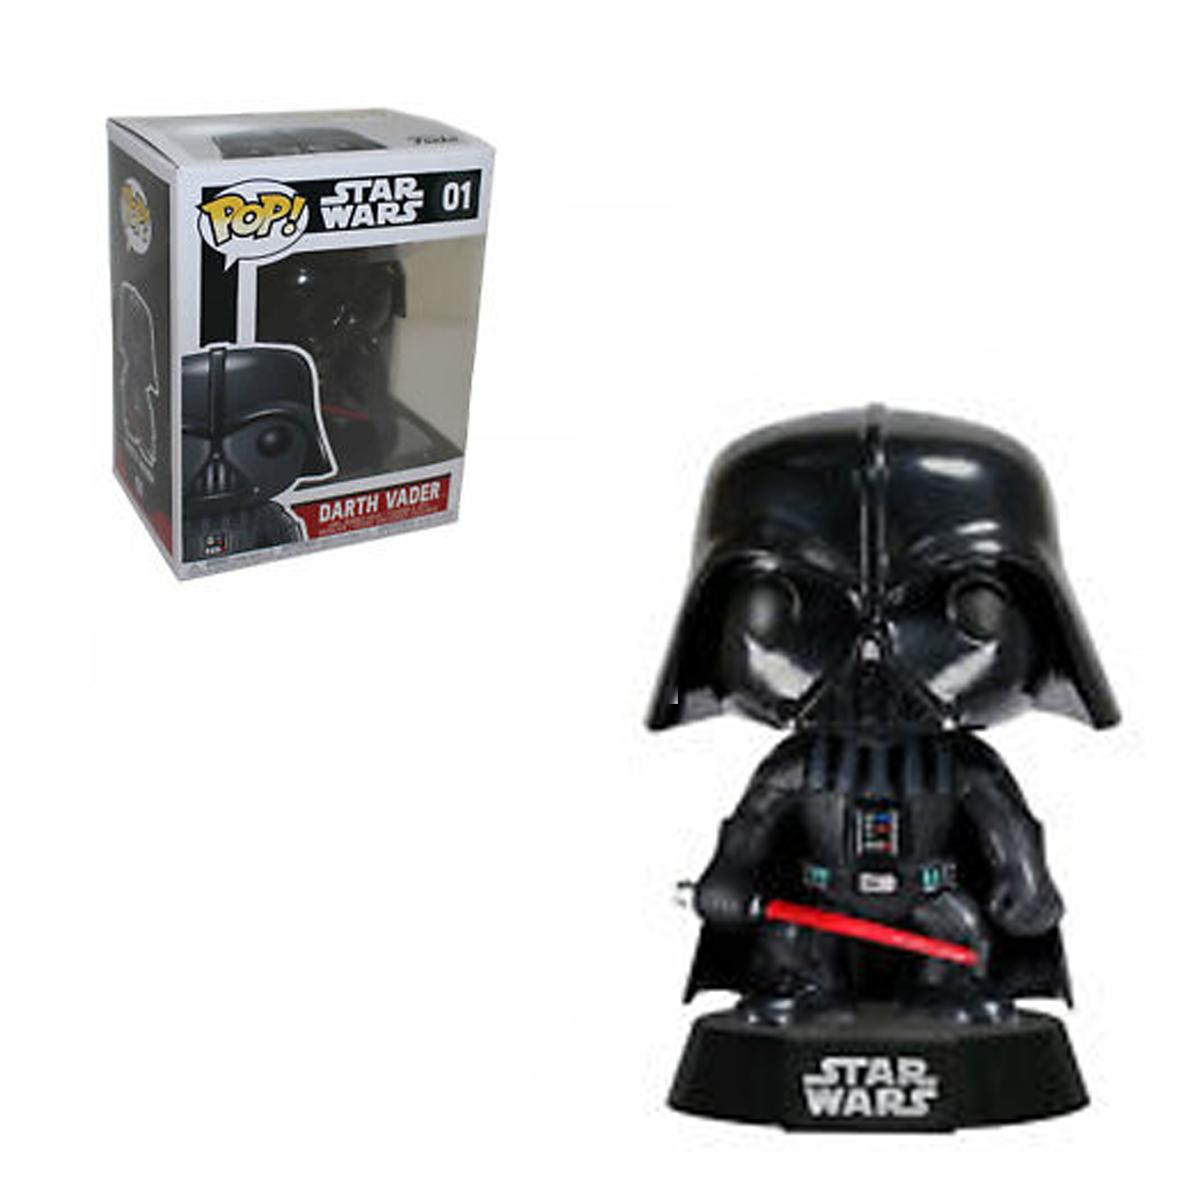 Star Wars Funko Pop Vinyl Darth Vader 01